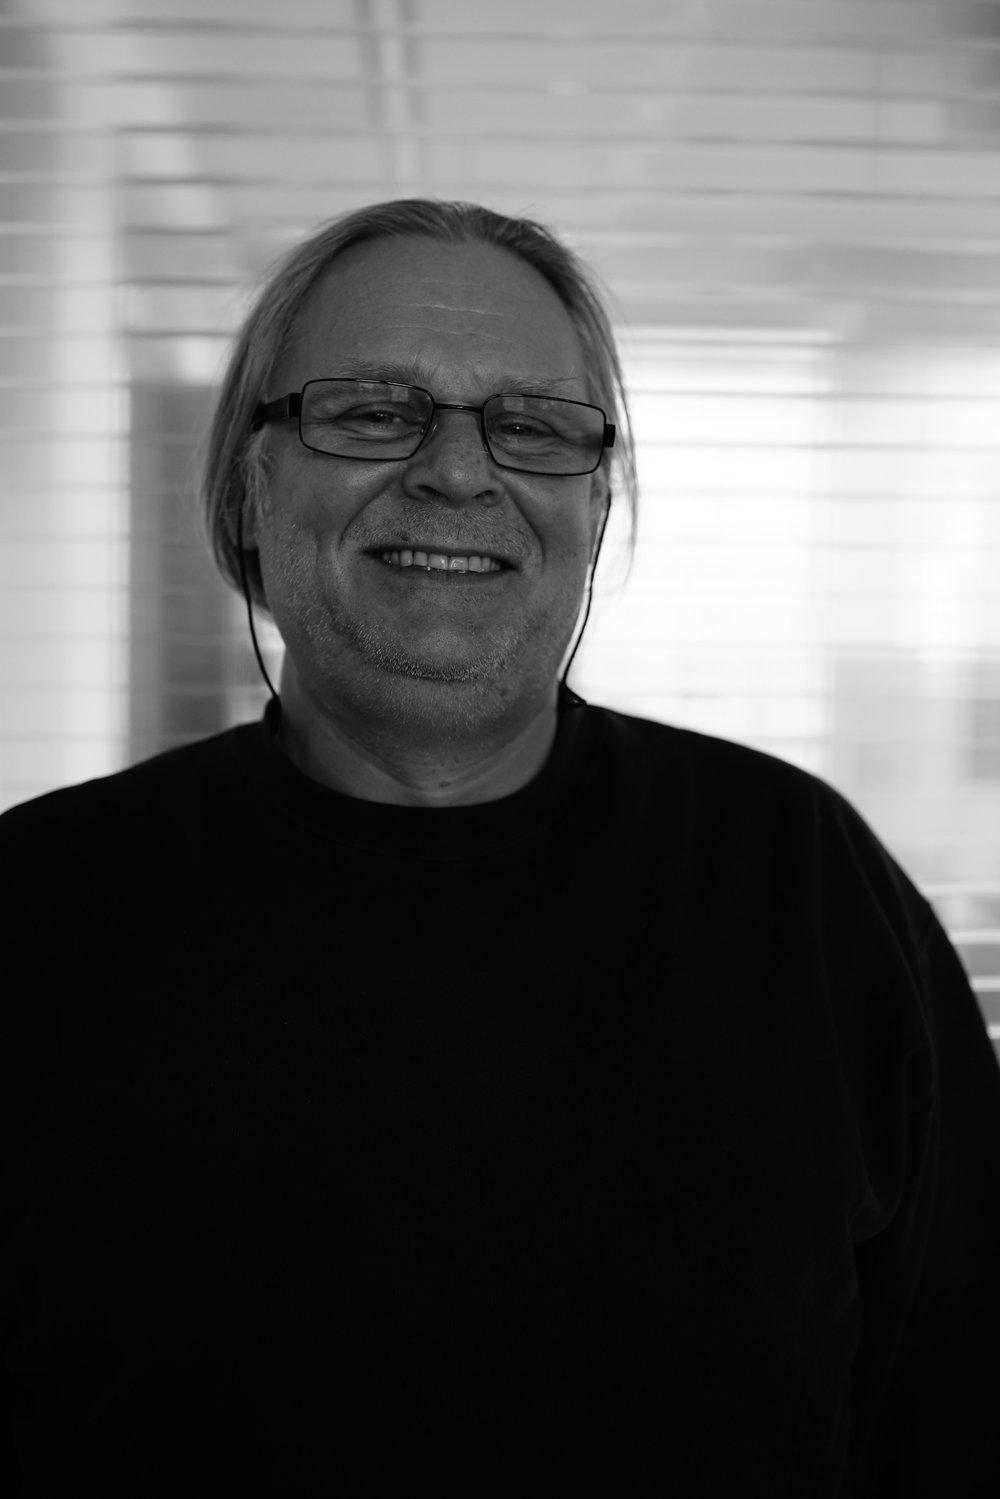 Christof Lutz84-86 Lehre Bauzeichner86-93 Uni Stuttgart - Diplom am Städtebaulichen Institut01-03 (ifBau) Der Architekt als Sachverständiger im Bauwesen Ausbildung